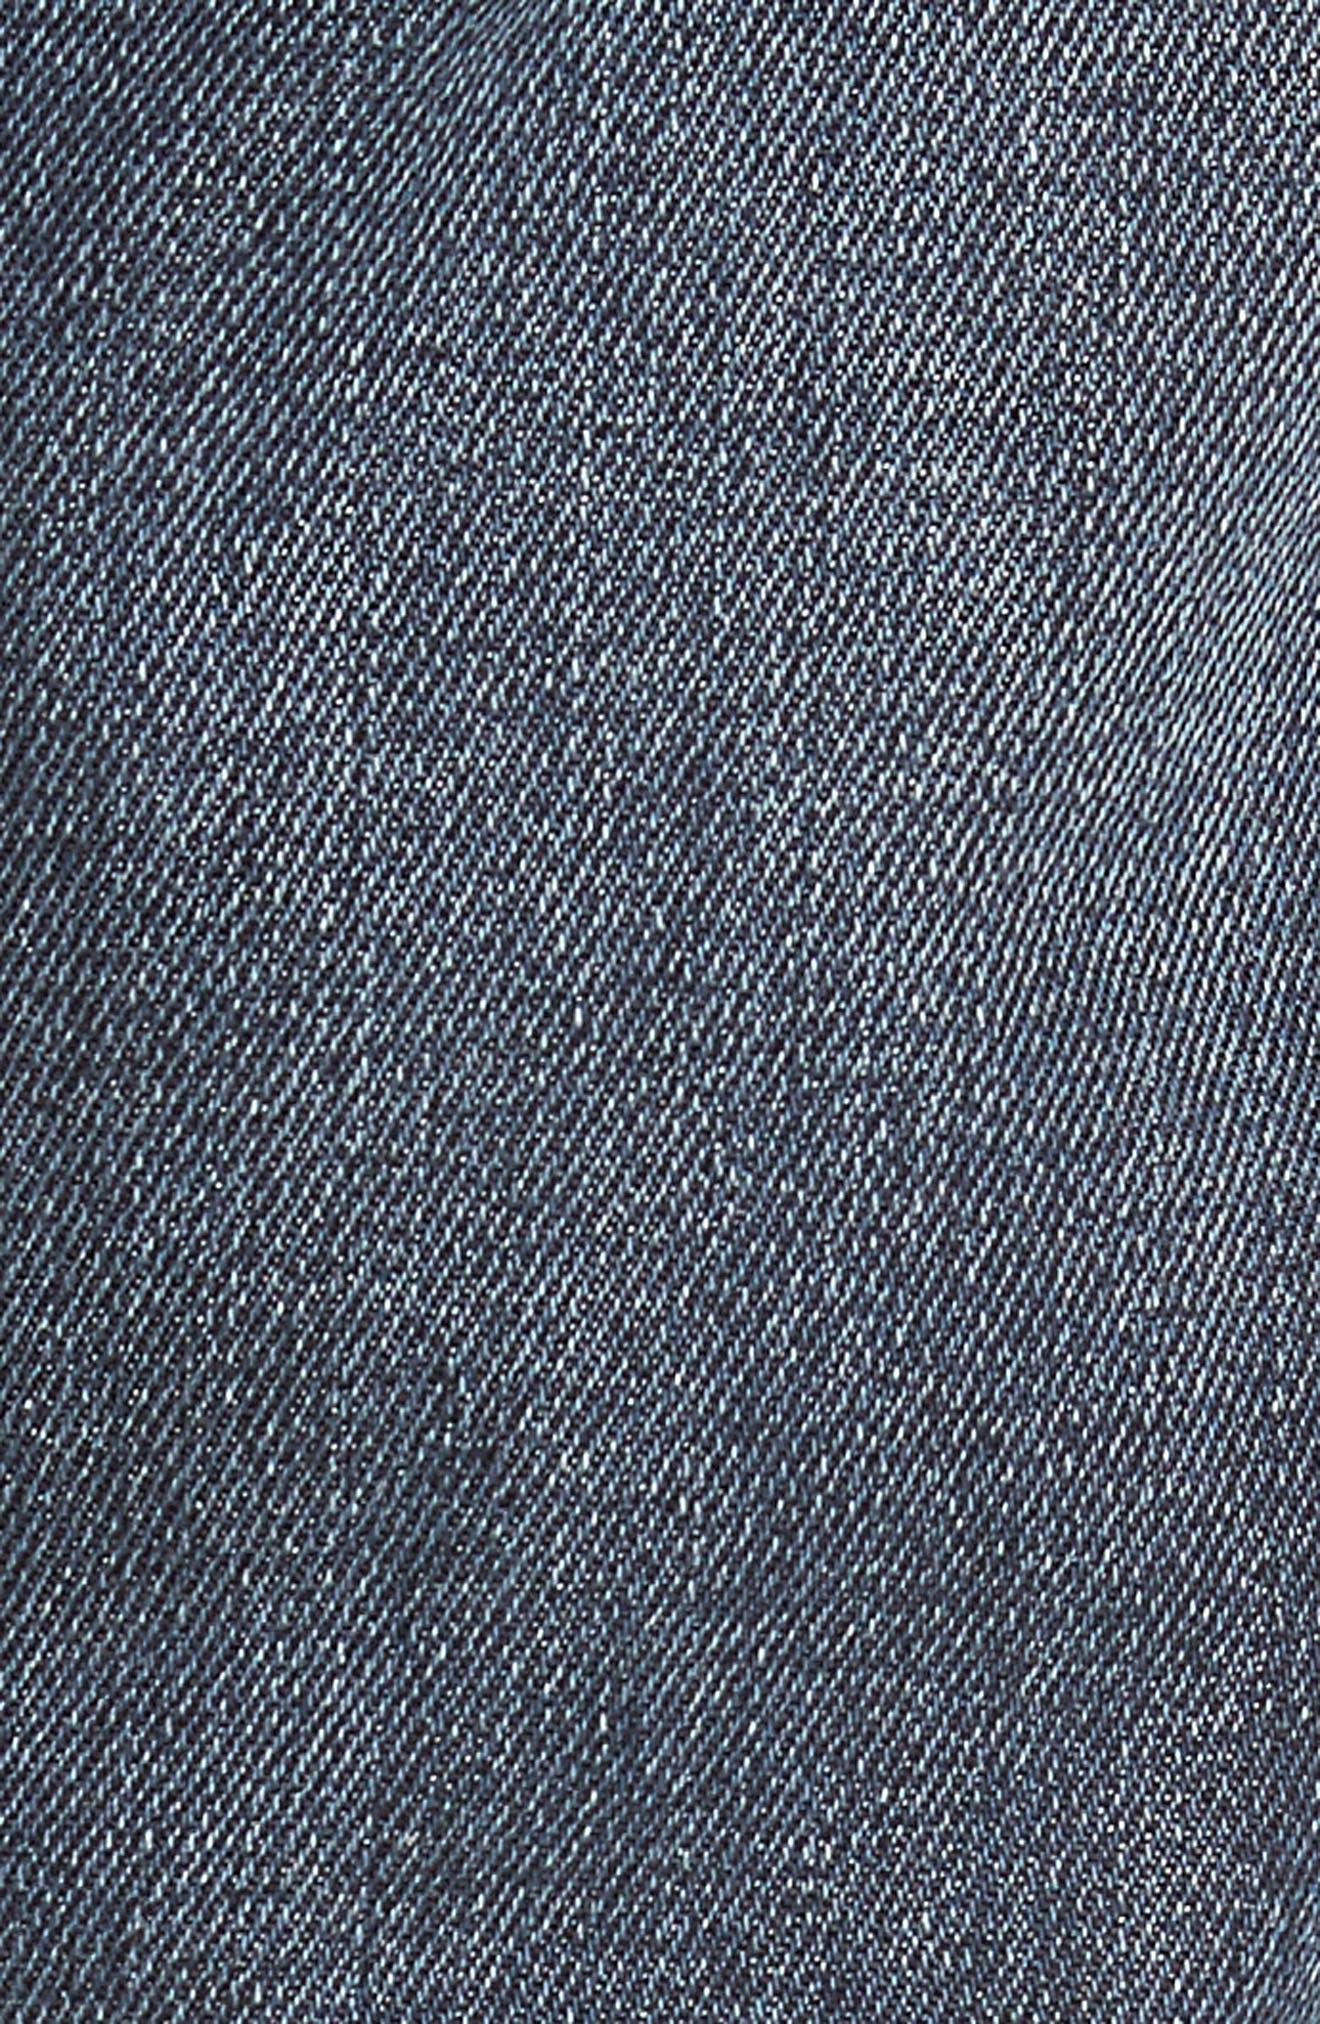 Alternate Image 5  - DIESEL® Thommer Slim Fit Jeans